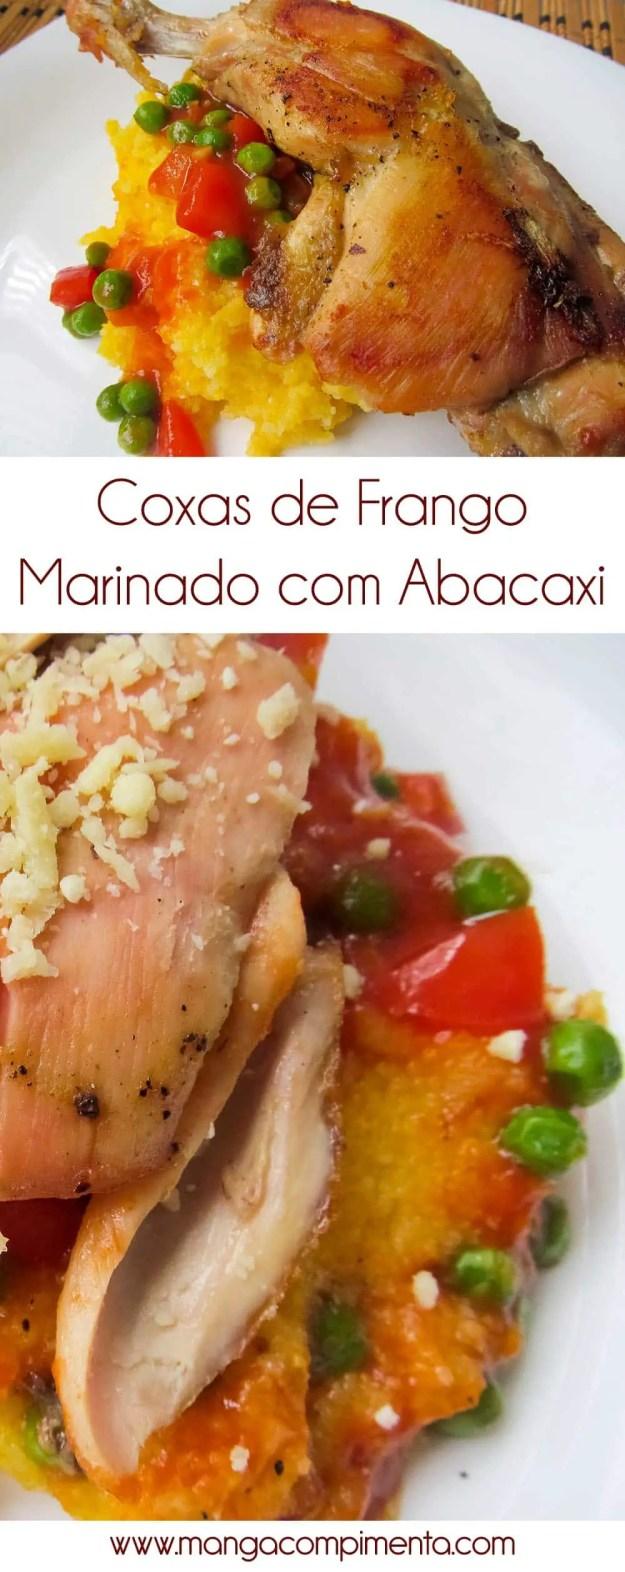 Coxas de Frango marinado com Abacaxi - para um almoço de final de semana!